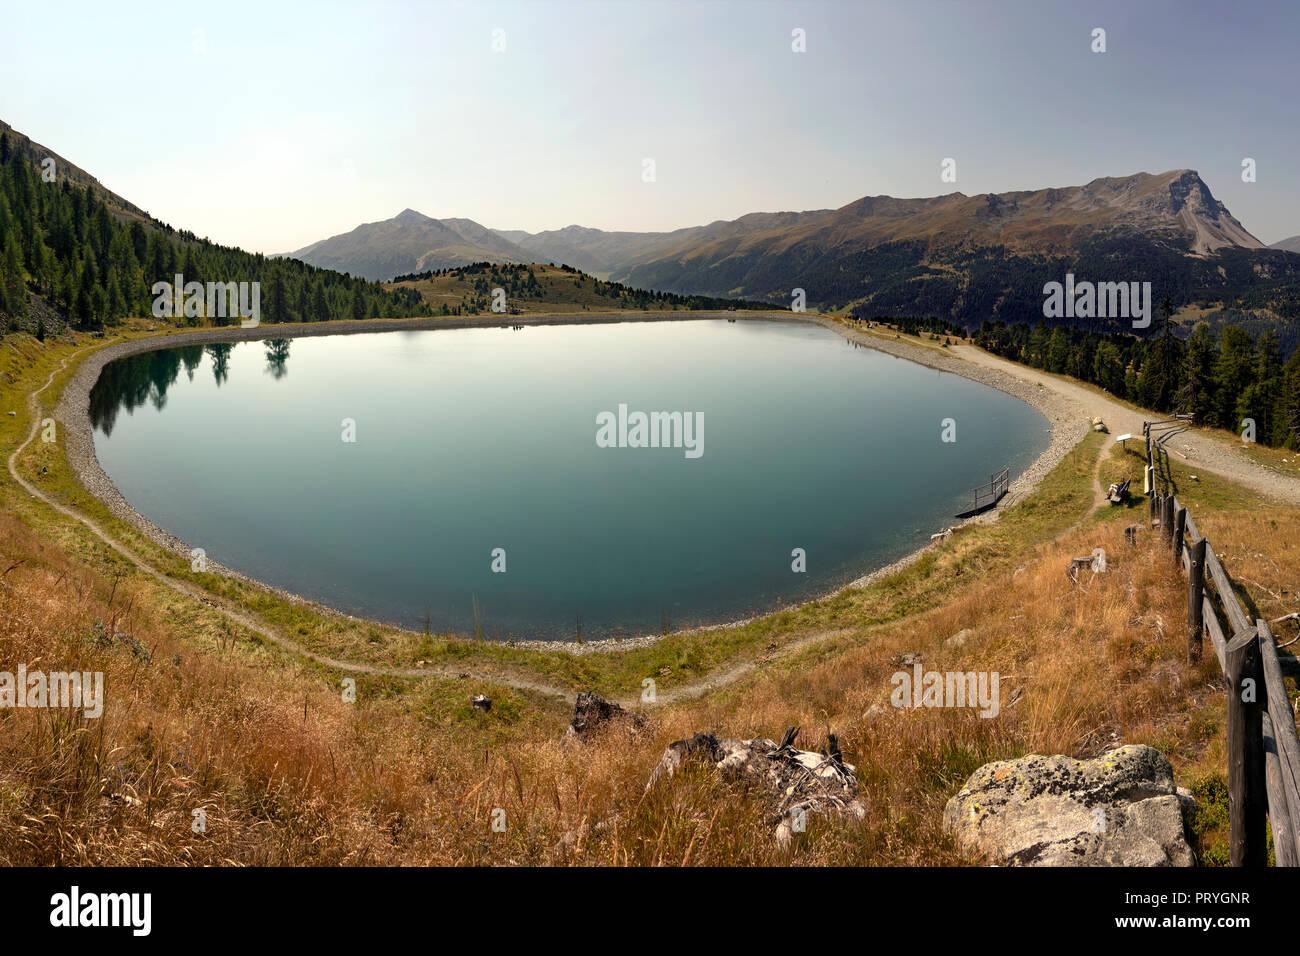 Kompatschwald reservoir, Reschenpass, Vinschgau, South Tyrol, Italy - Stock Image